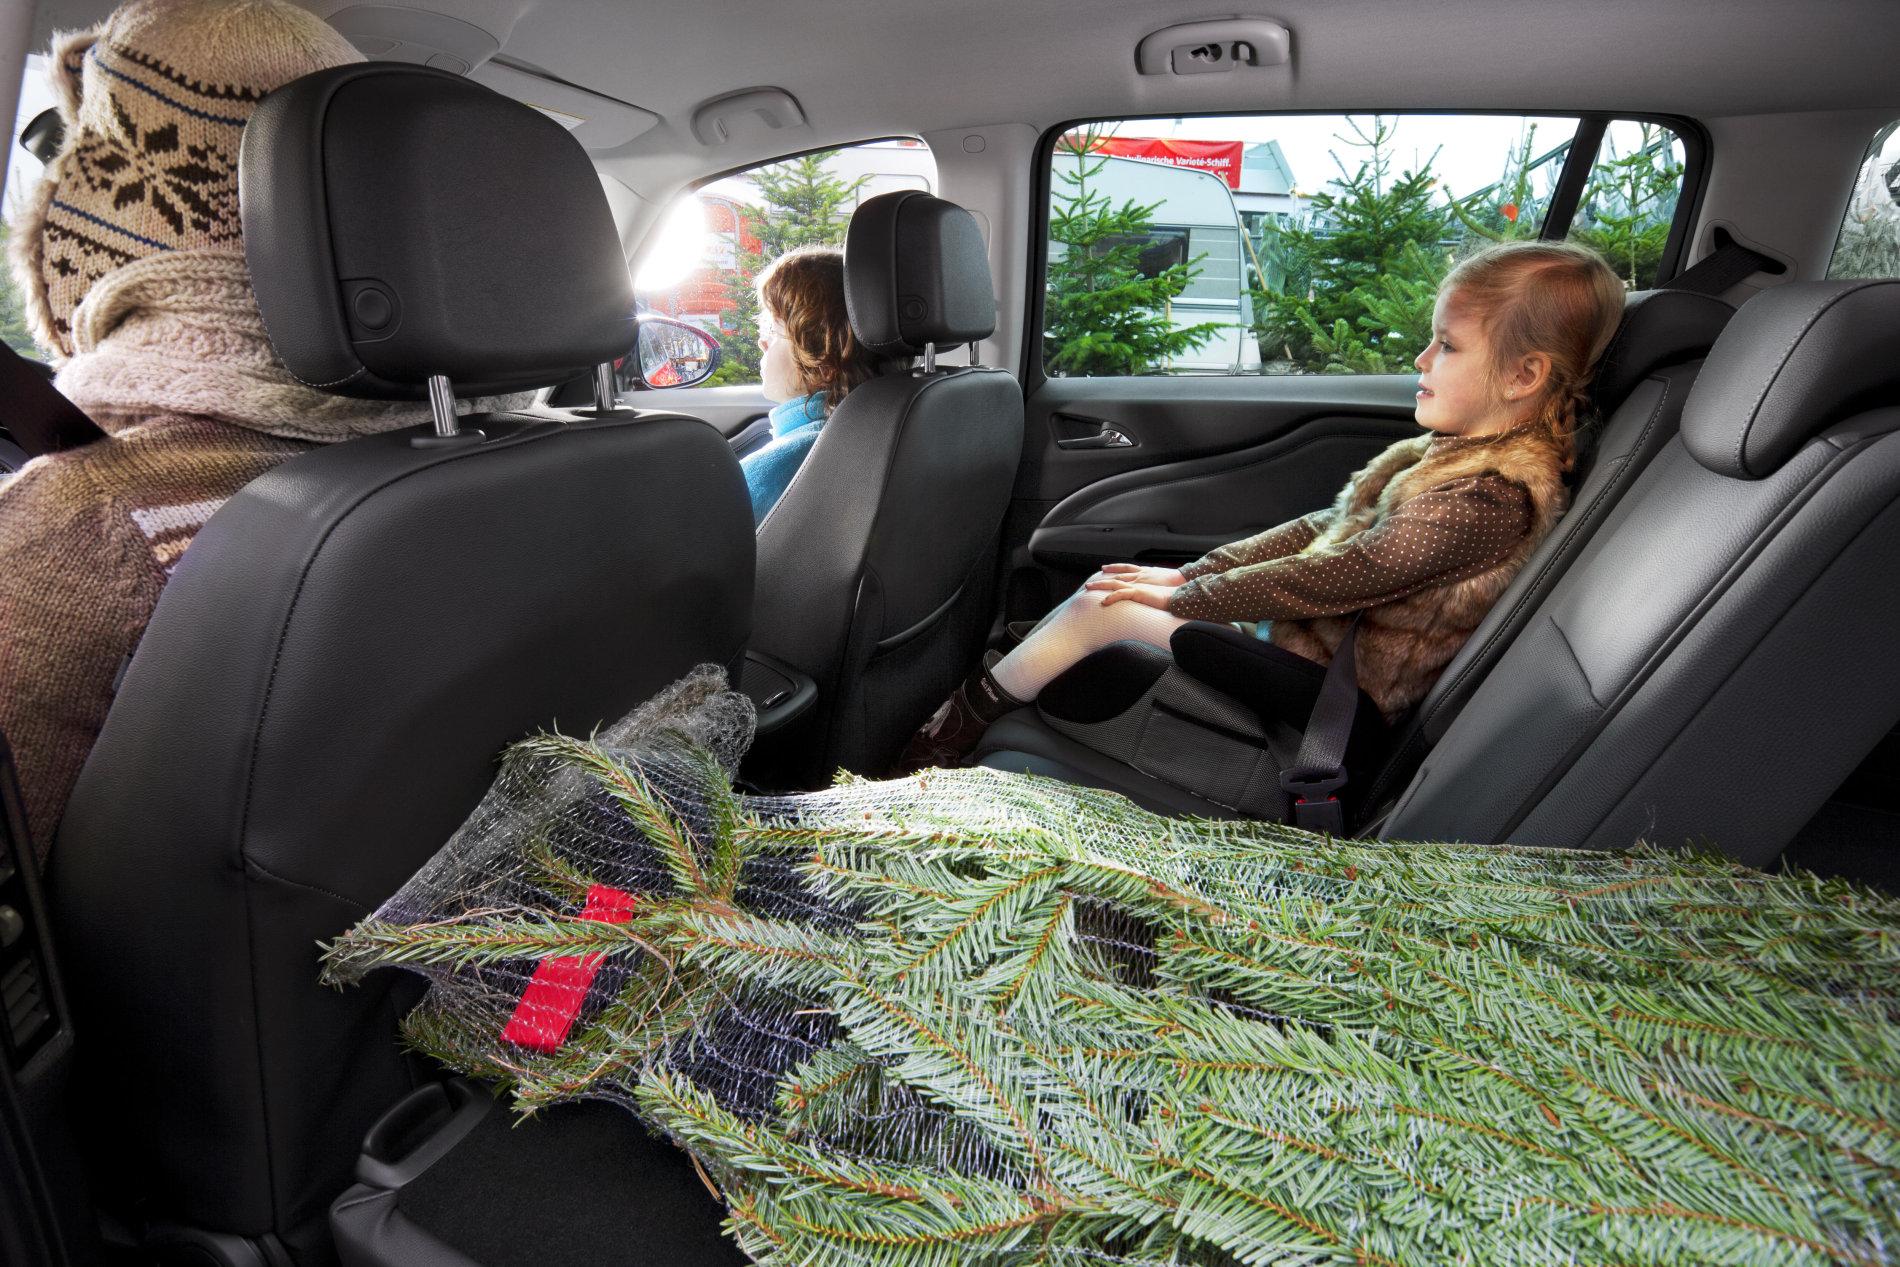 Un Craciun fericit cu modelele spatioase si flexibile de la Opel - Un Craciun fericit cu modelele spatioase si flexibile de la Opel